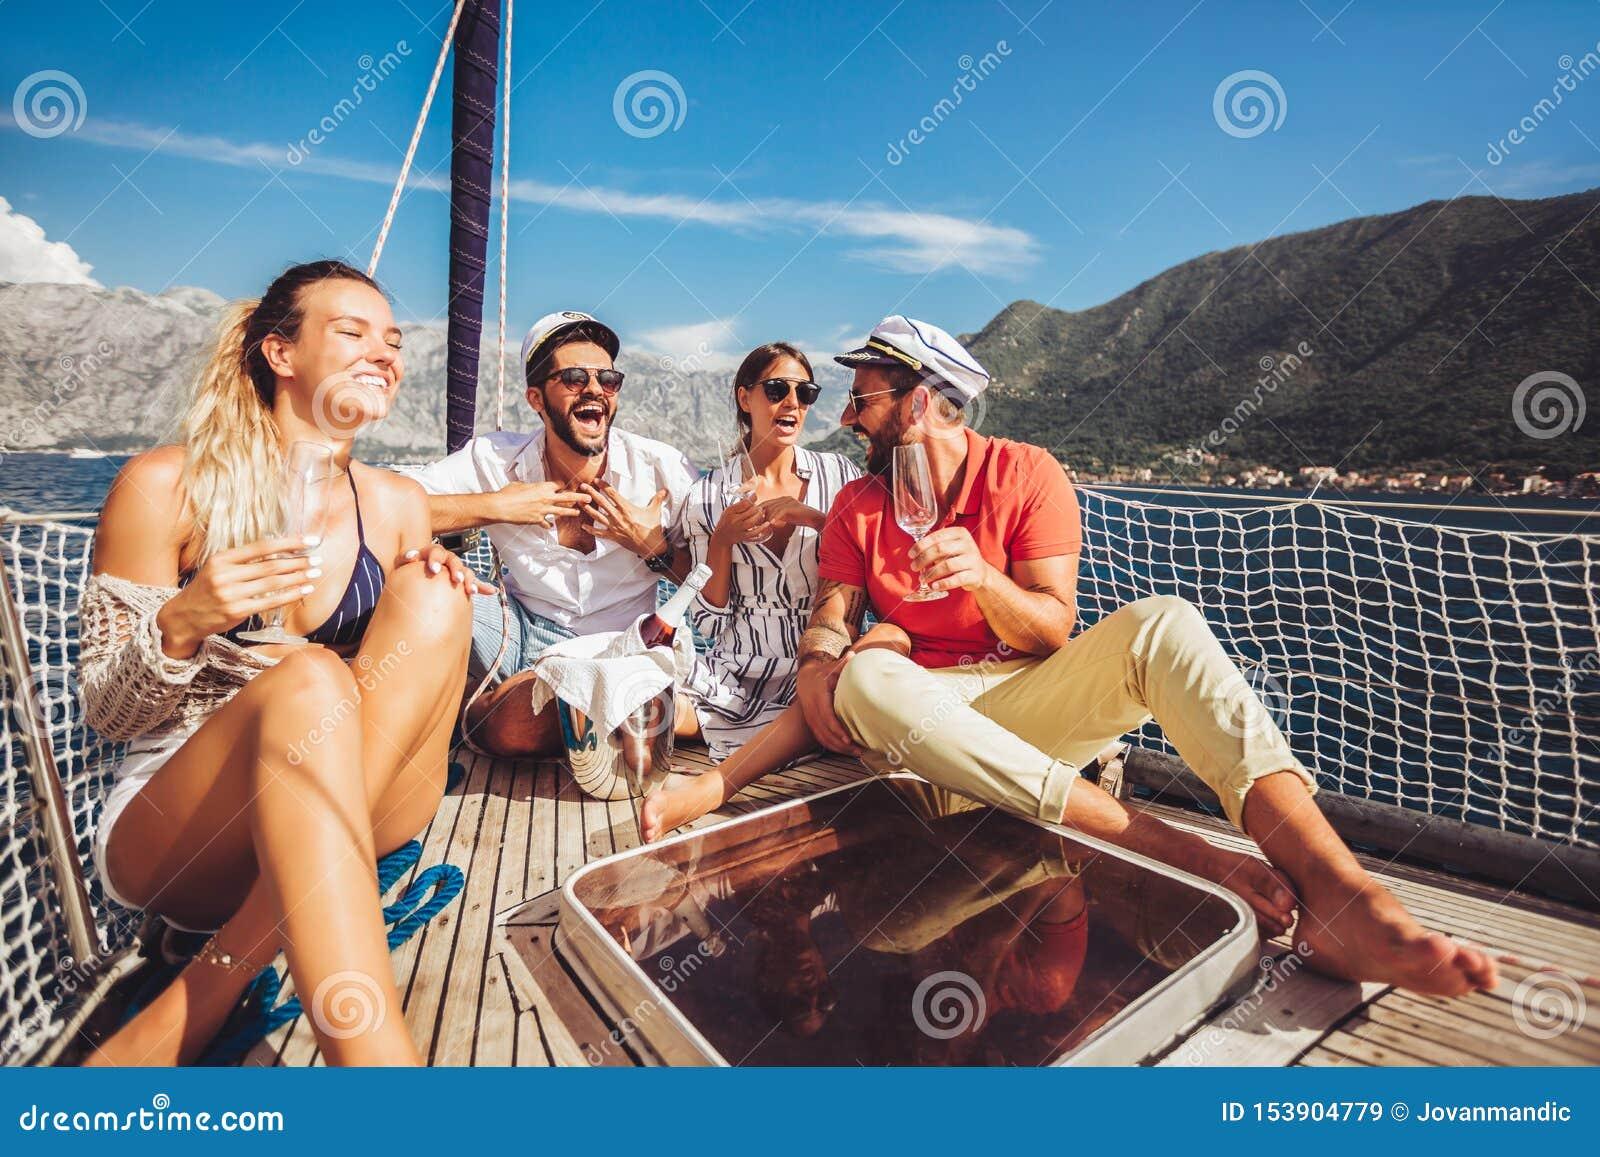 Freunde, die auf Segelbootplattform sitzen und Spaß haben Ferien, Reise, Meer, Freundschaft und Leutekonzept